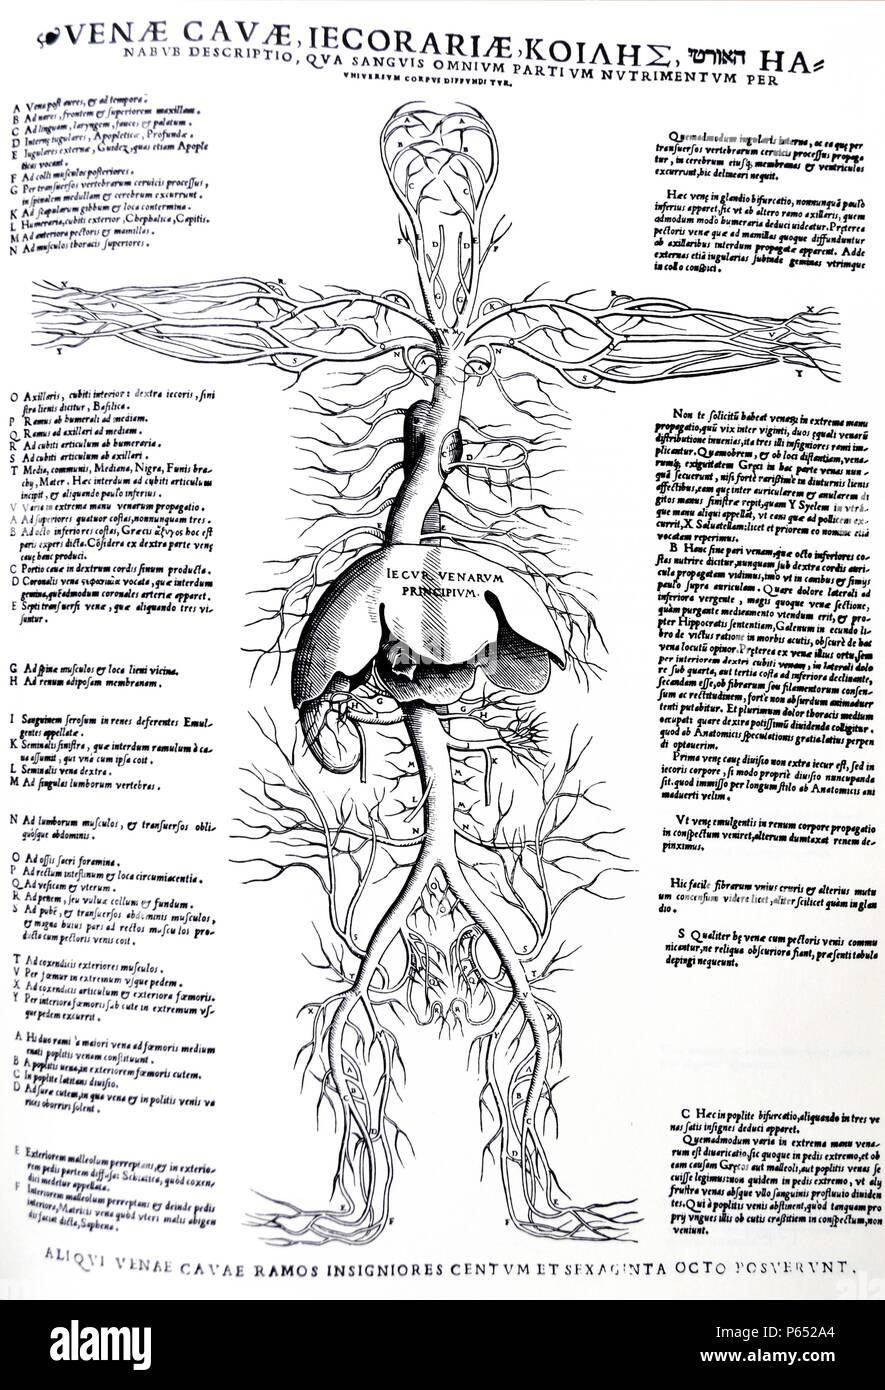 Fantástico Diagrama De La Anatomía Araña Motivo - Imágenes de ...